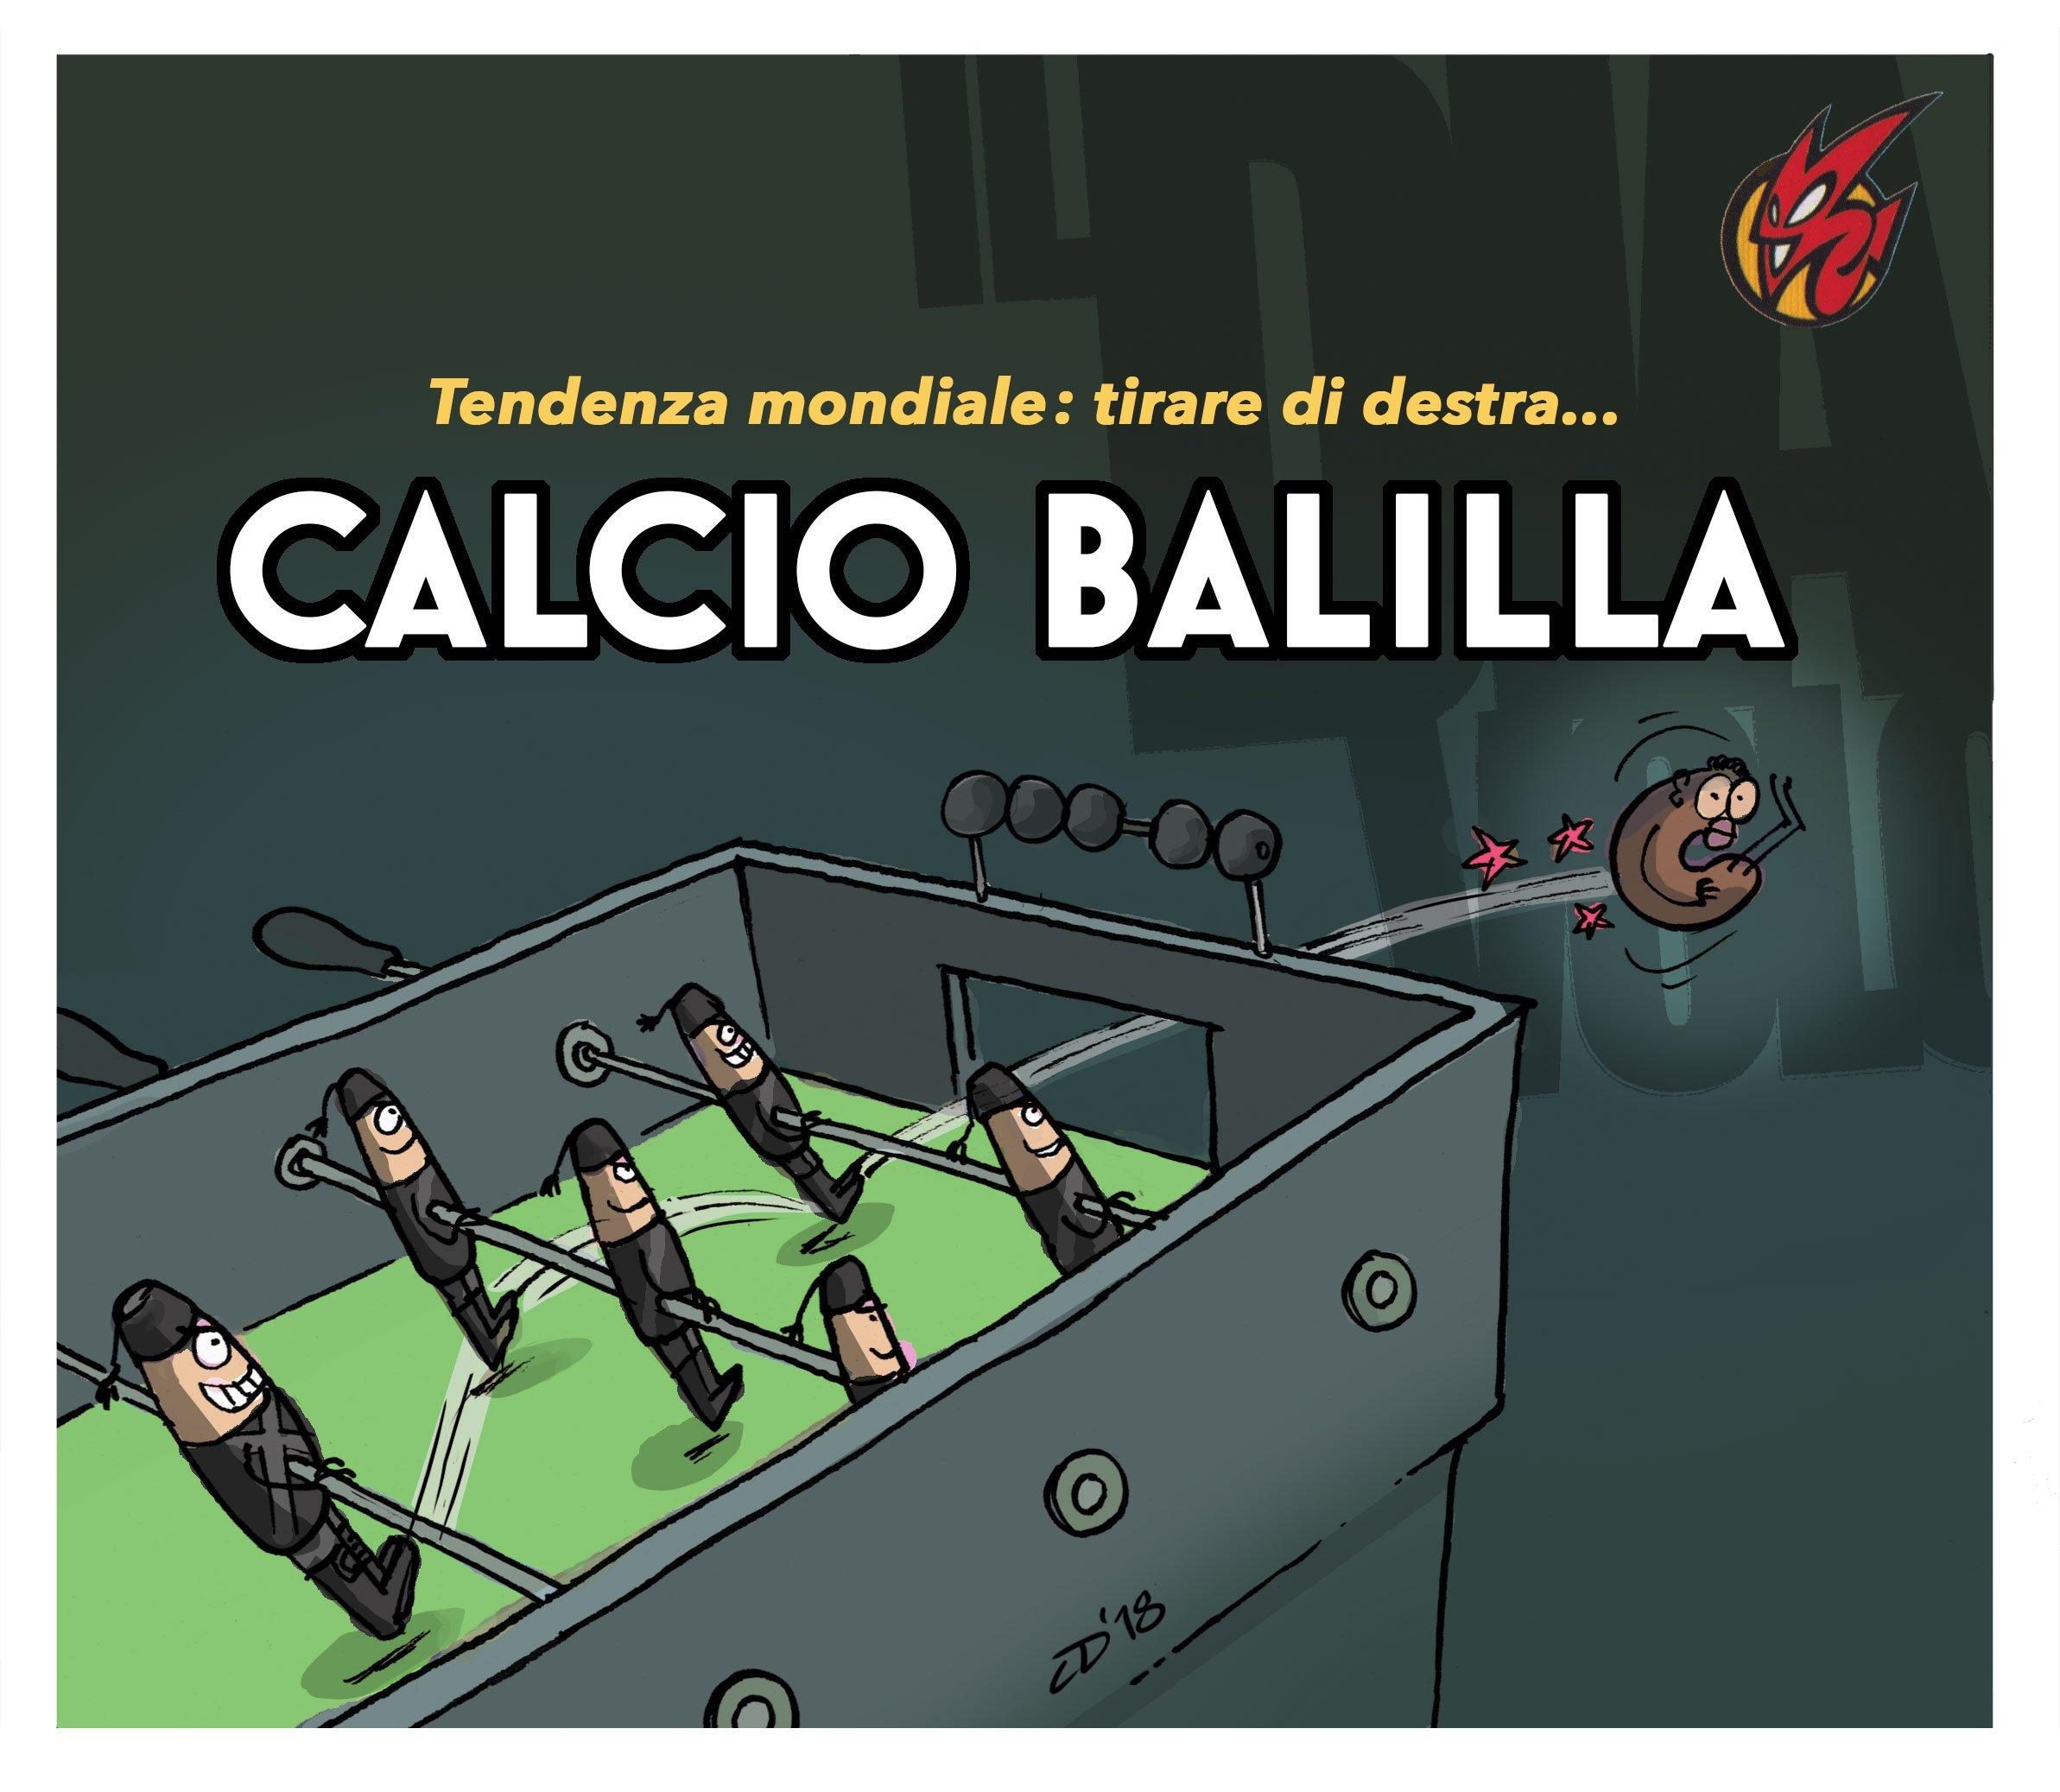 copertina-calcio-balilla657980993.jpg